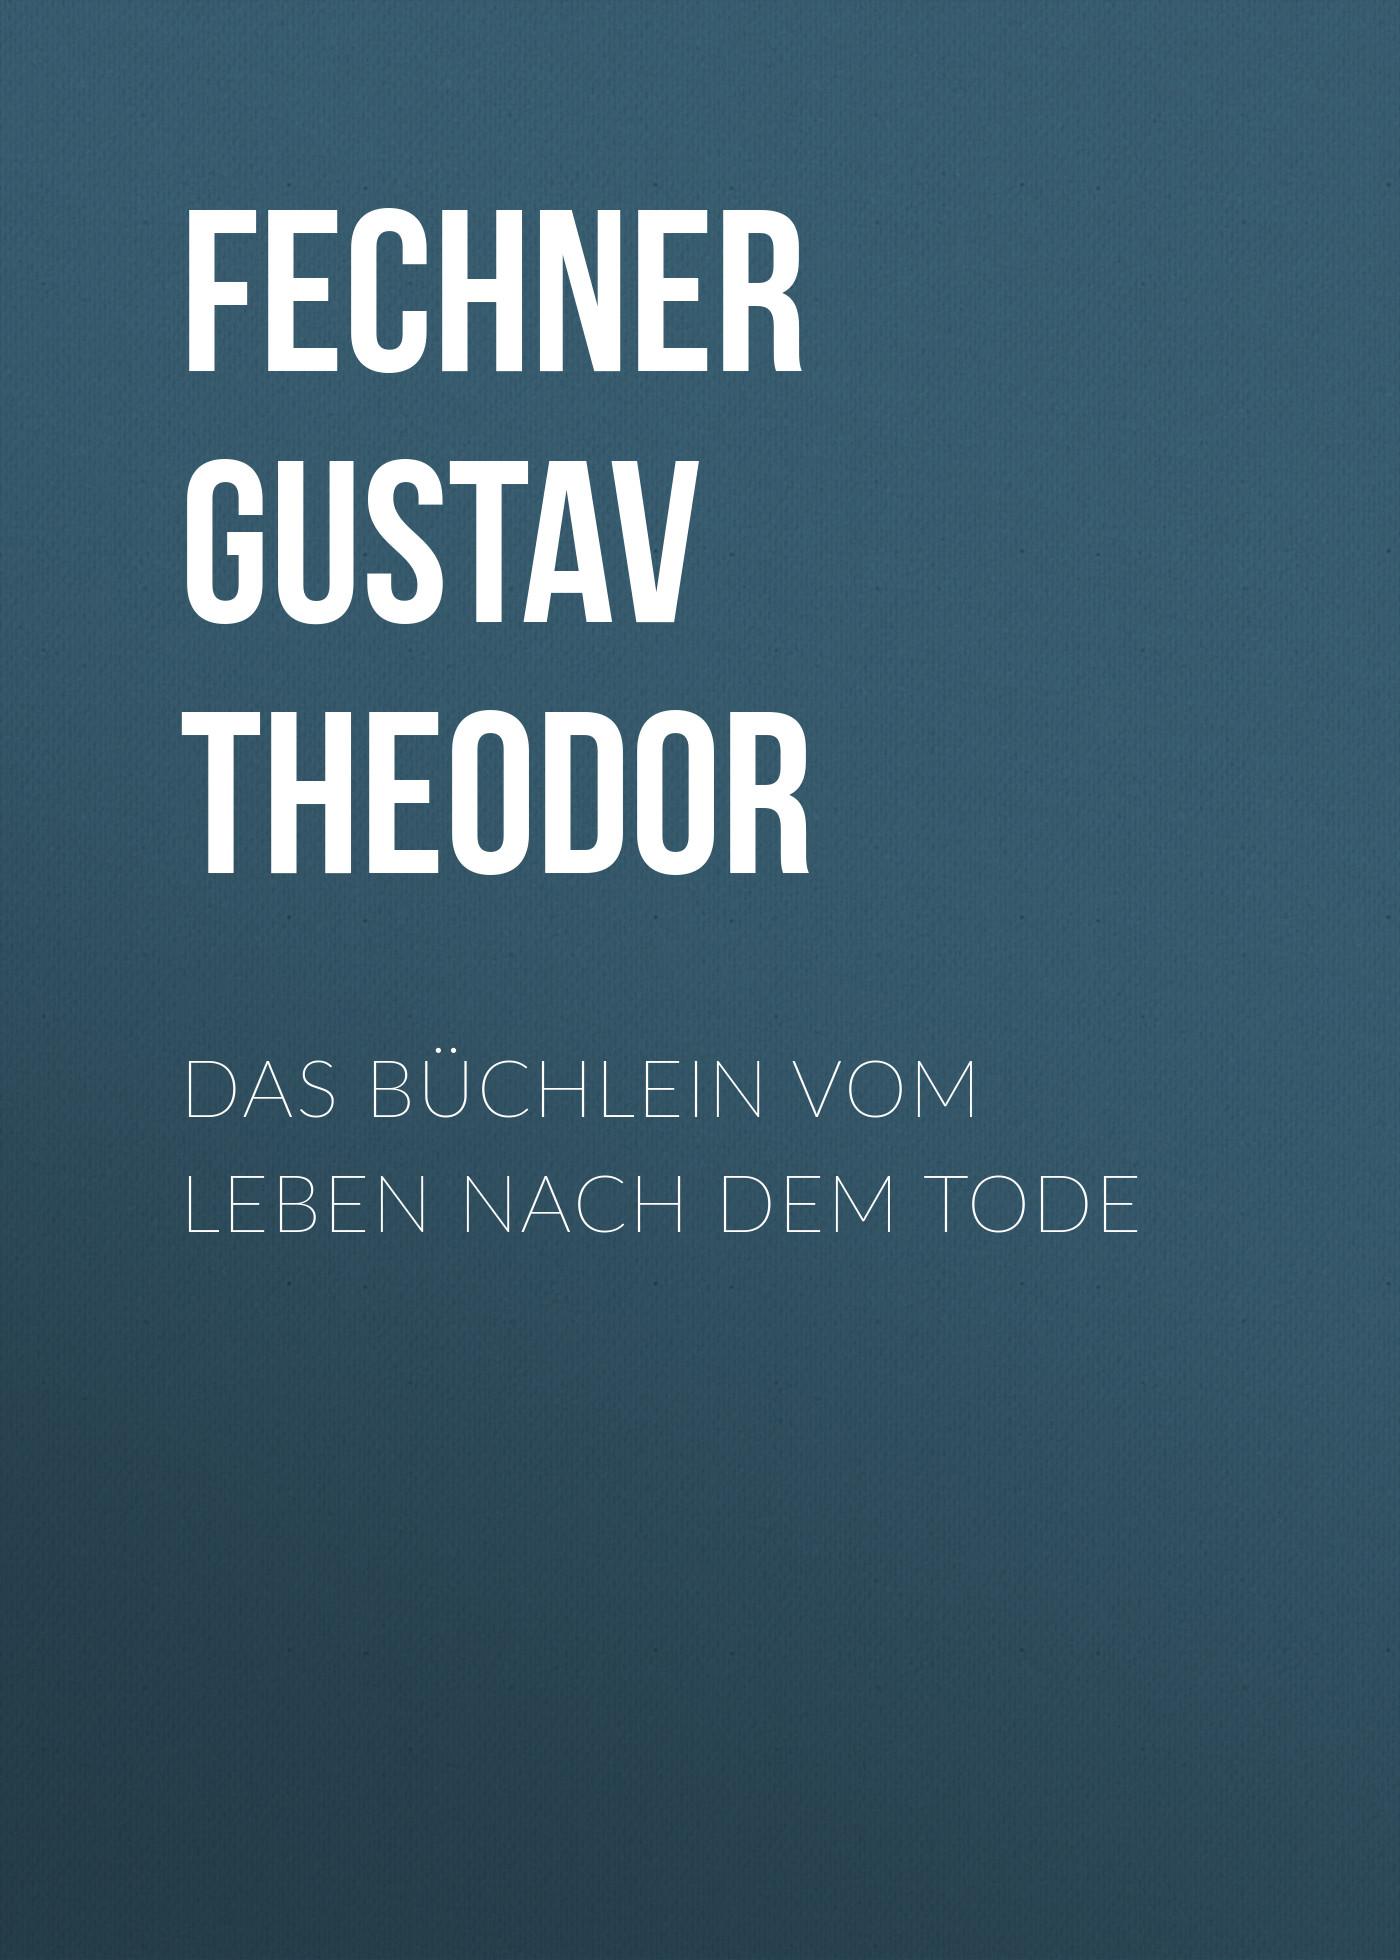 Fechner Gustav Theodor Das Büchlein vom Leben nach dem Tode ju ju be dandy lines 07mb01b 6655